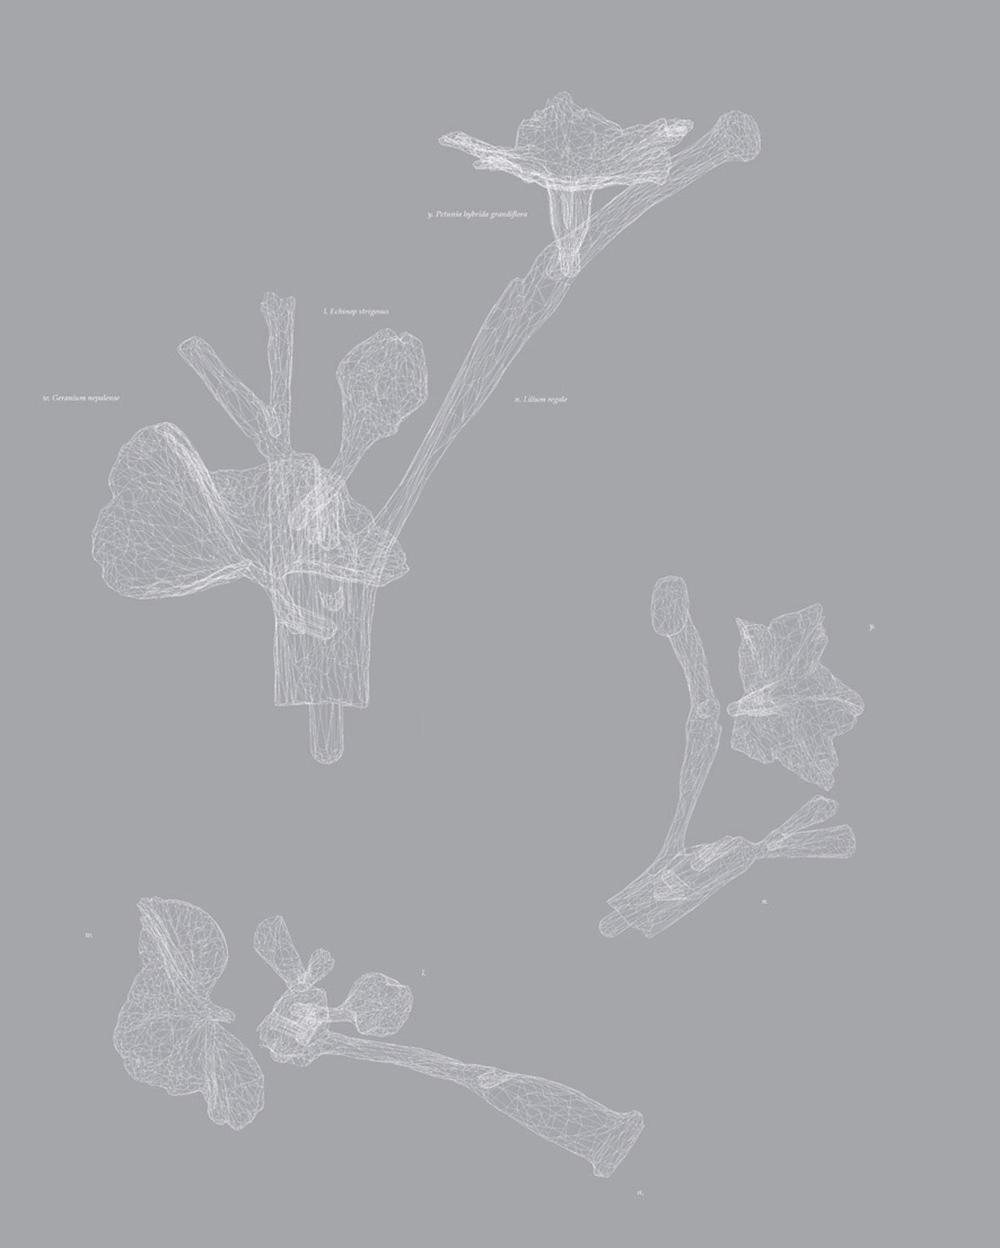 Carla Mattii, Type13, 2006, stampa su carta, cm 59x47